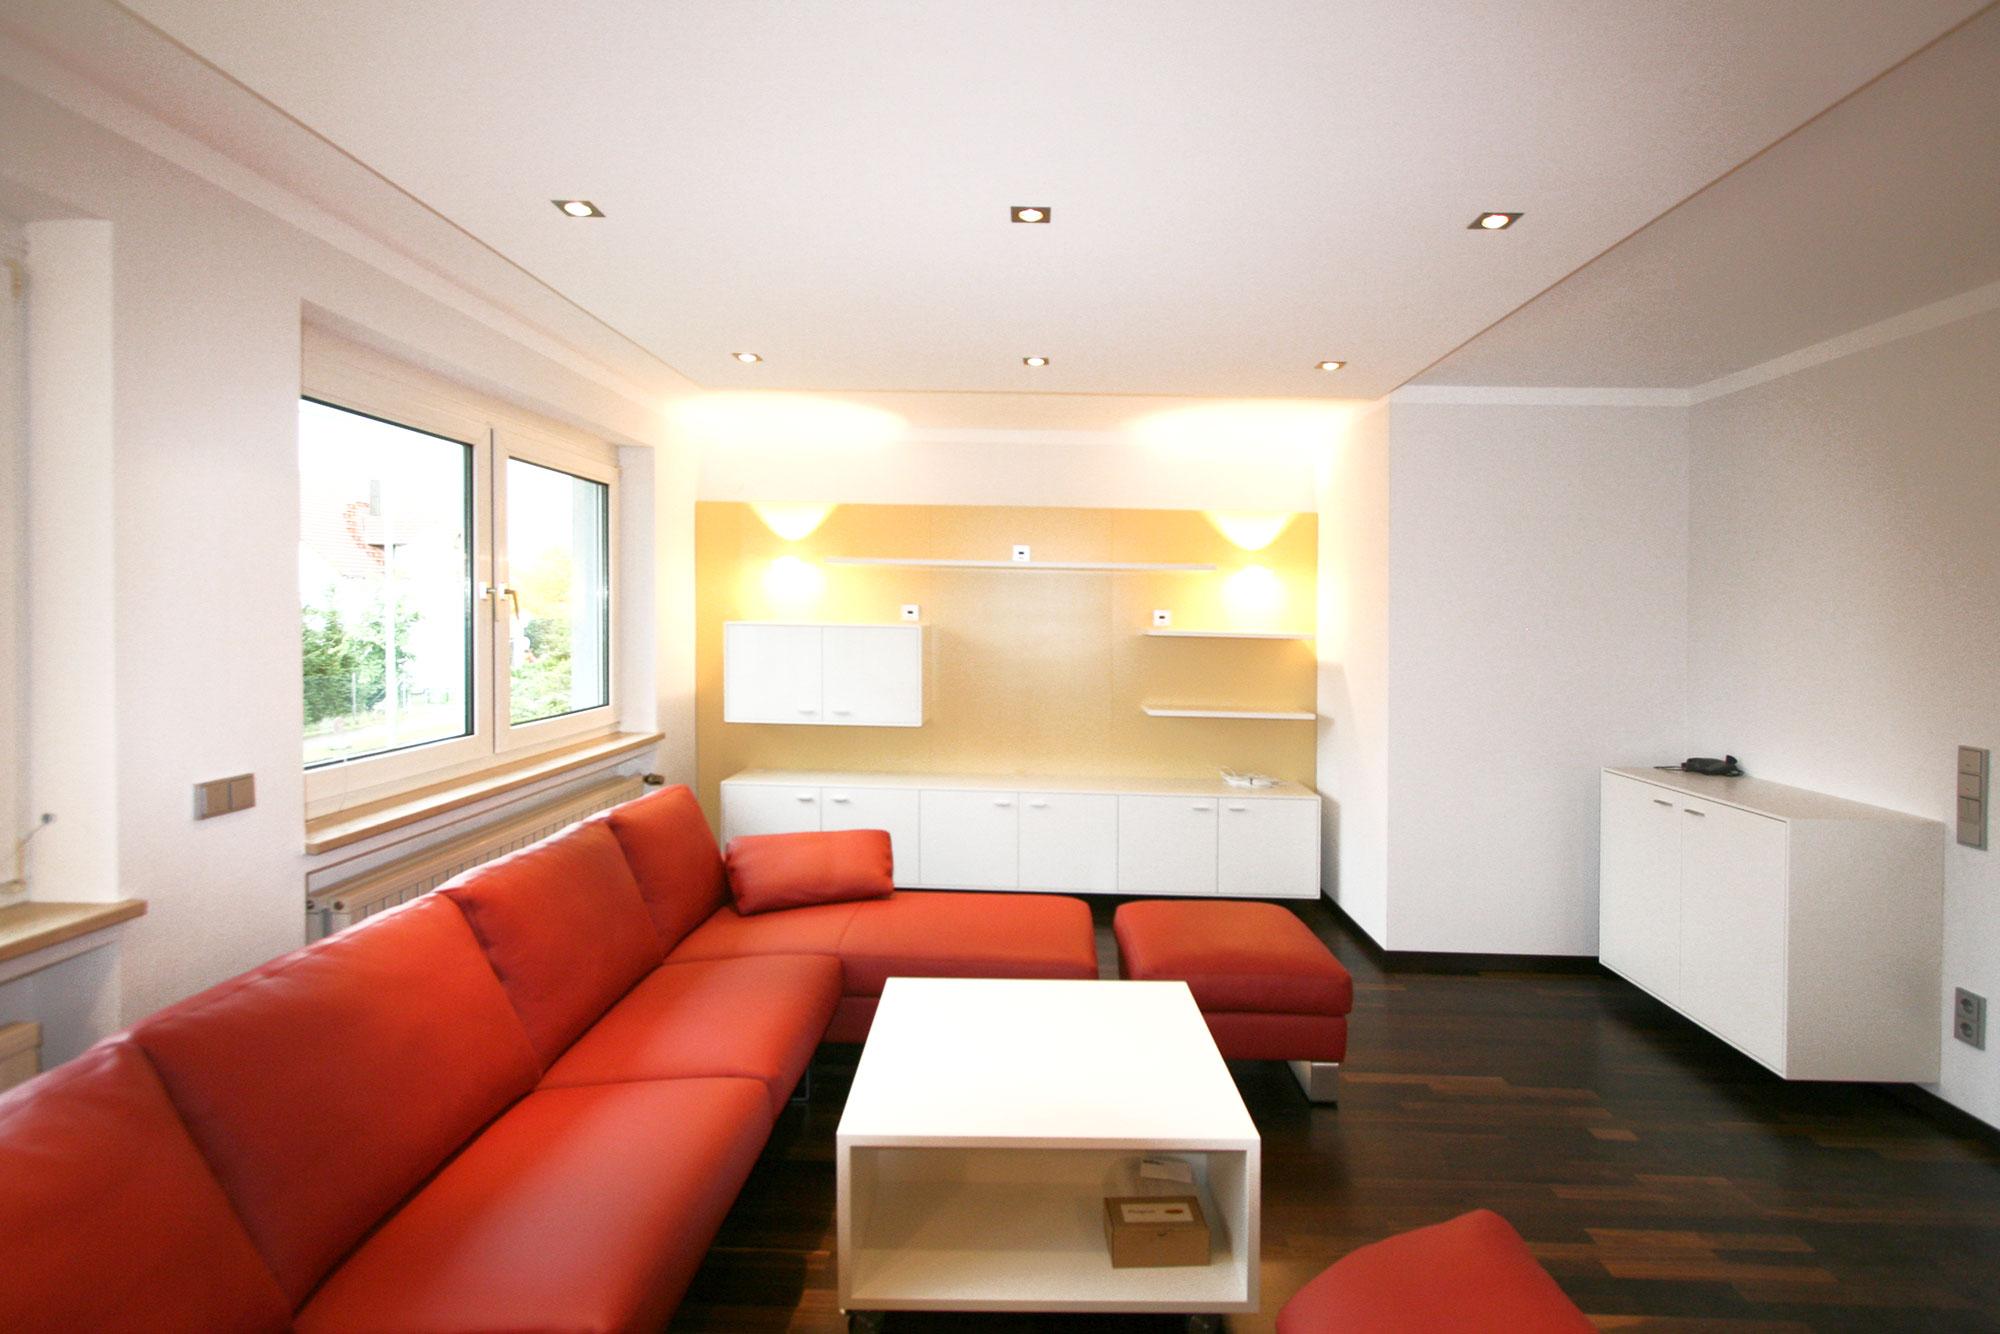 Innenarchitektur-München-Umbau-Wohnung-Wohnzimmer-02